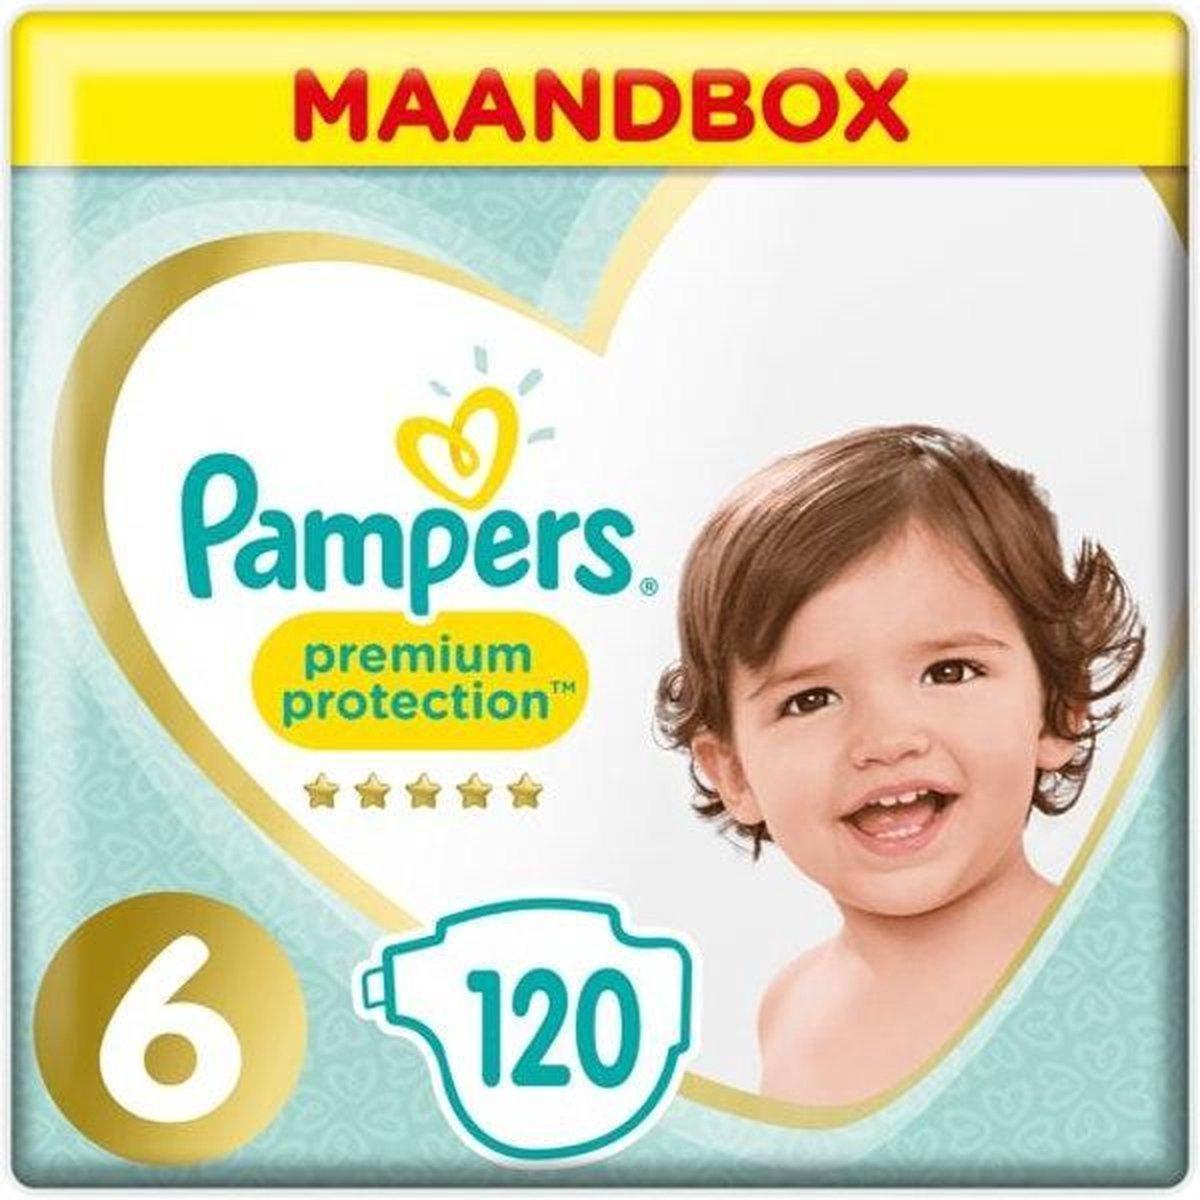 Pampers Premium Protection Luiers - Maat 6 (13+ kg) - 120 stuks - Maandbox - Pampers